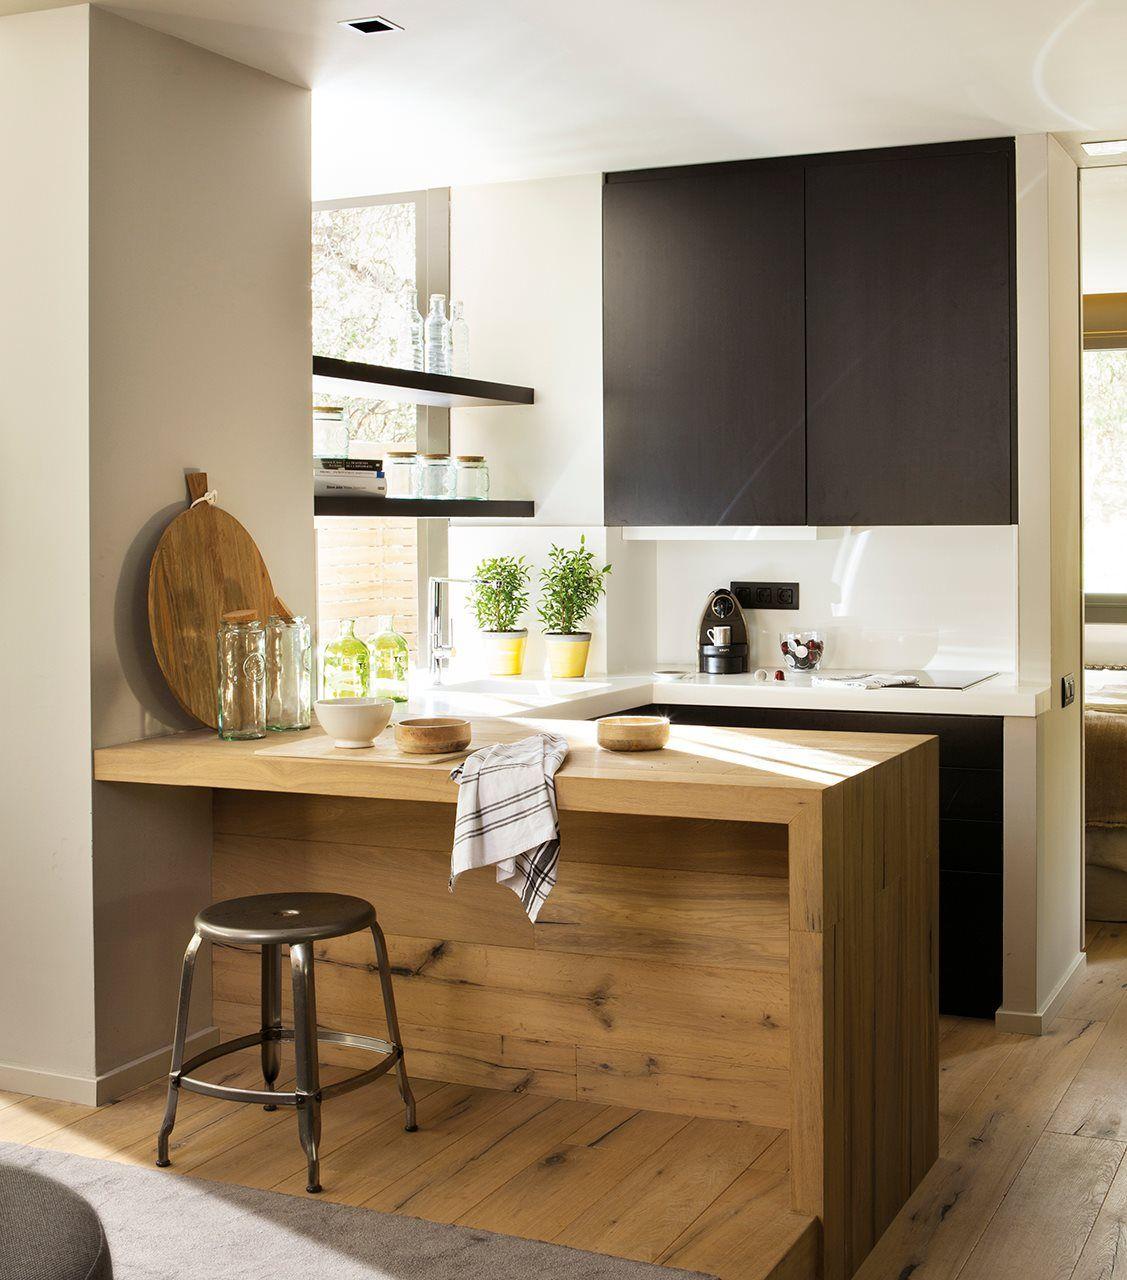 10 cocinas muy bien aprovechadas · ElMueble.com · Cocinas y baños ...